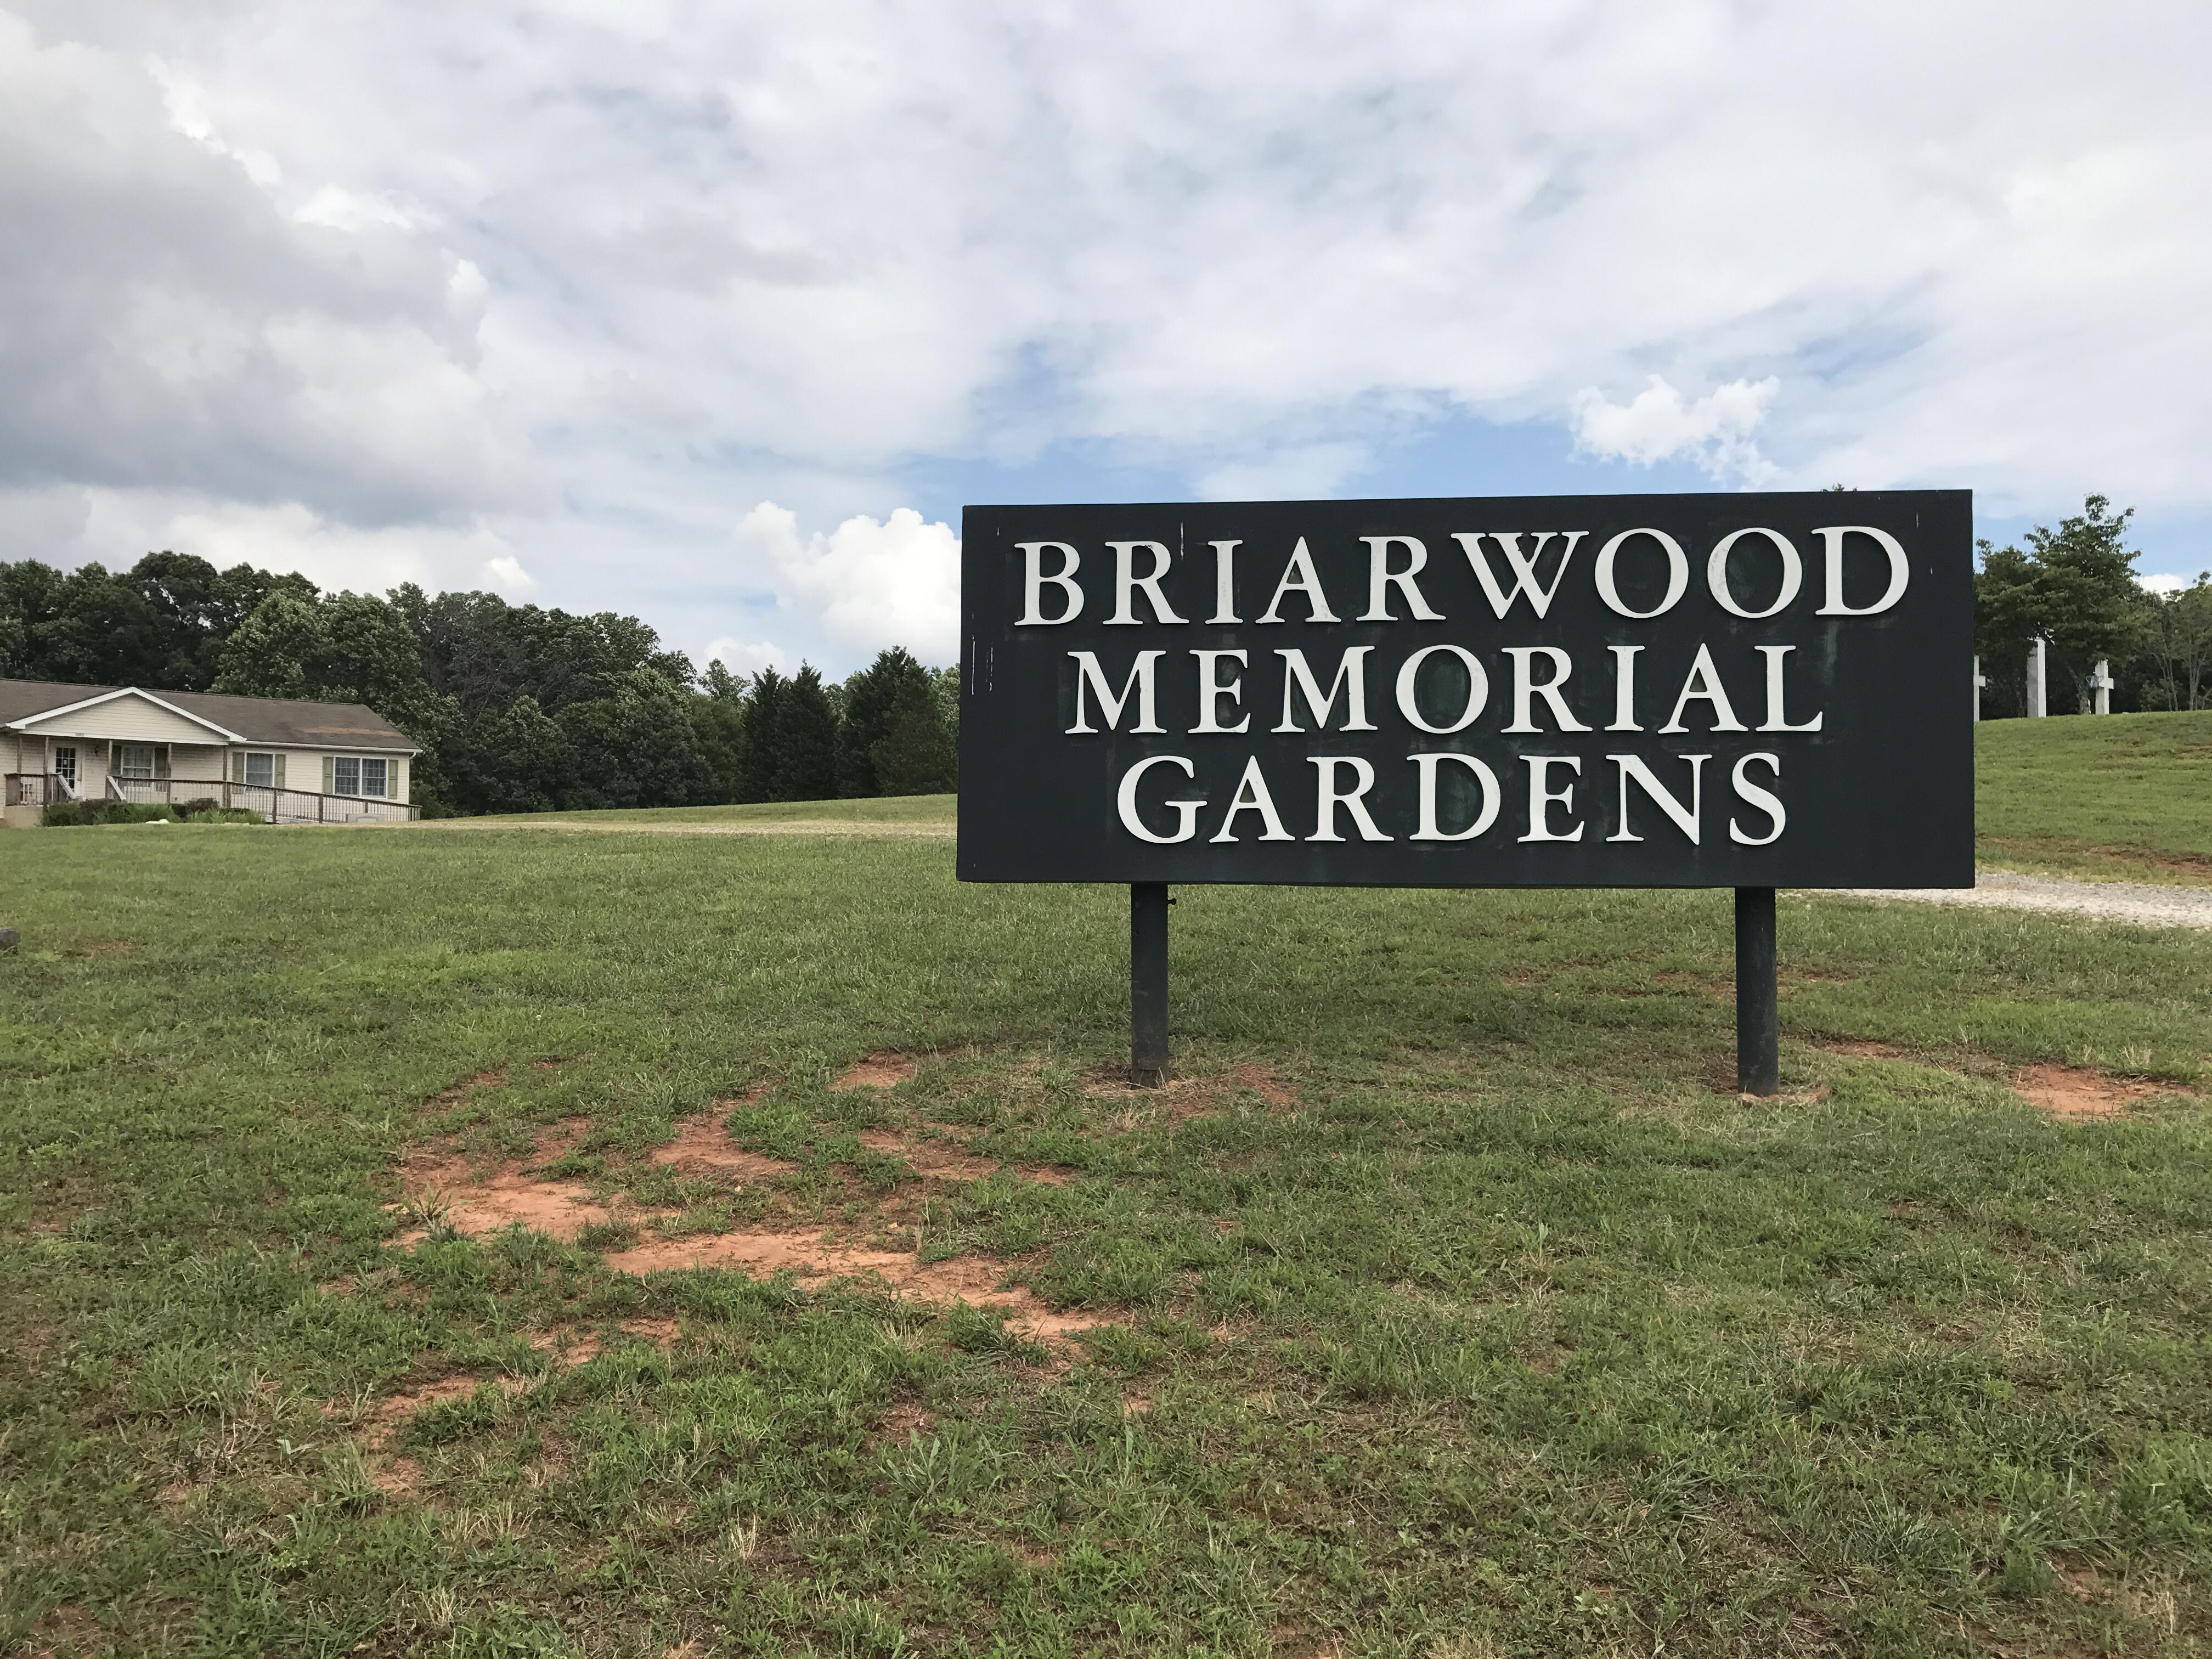 Briarwood Memorial Gardens